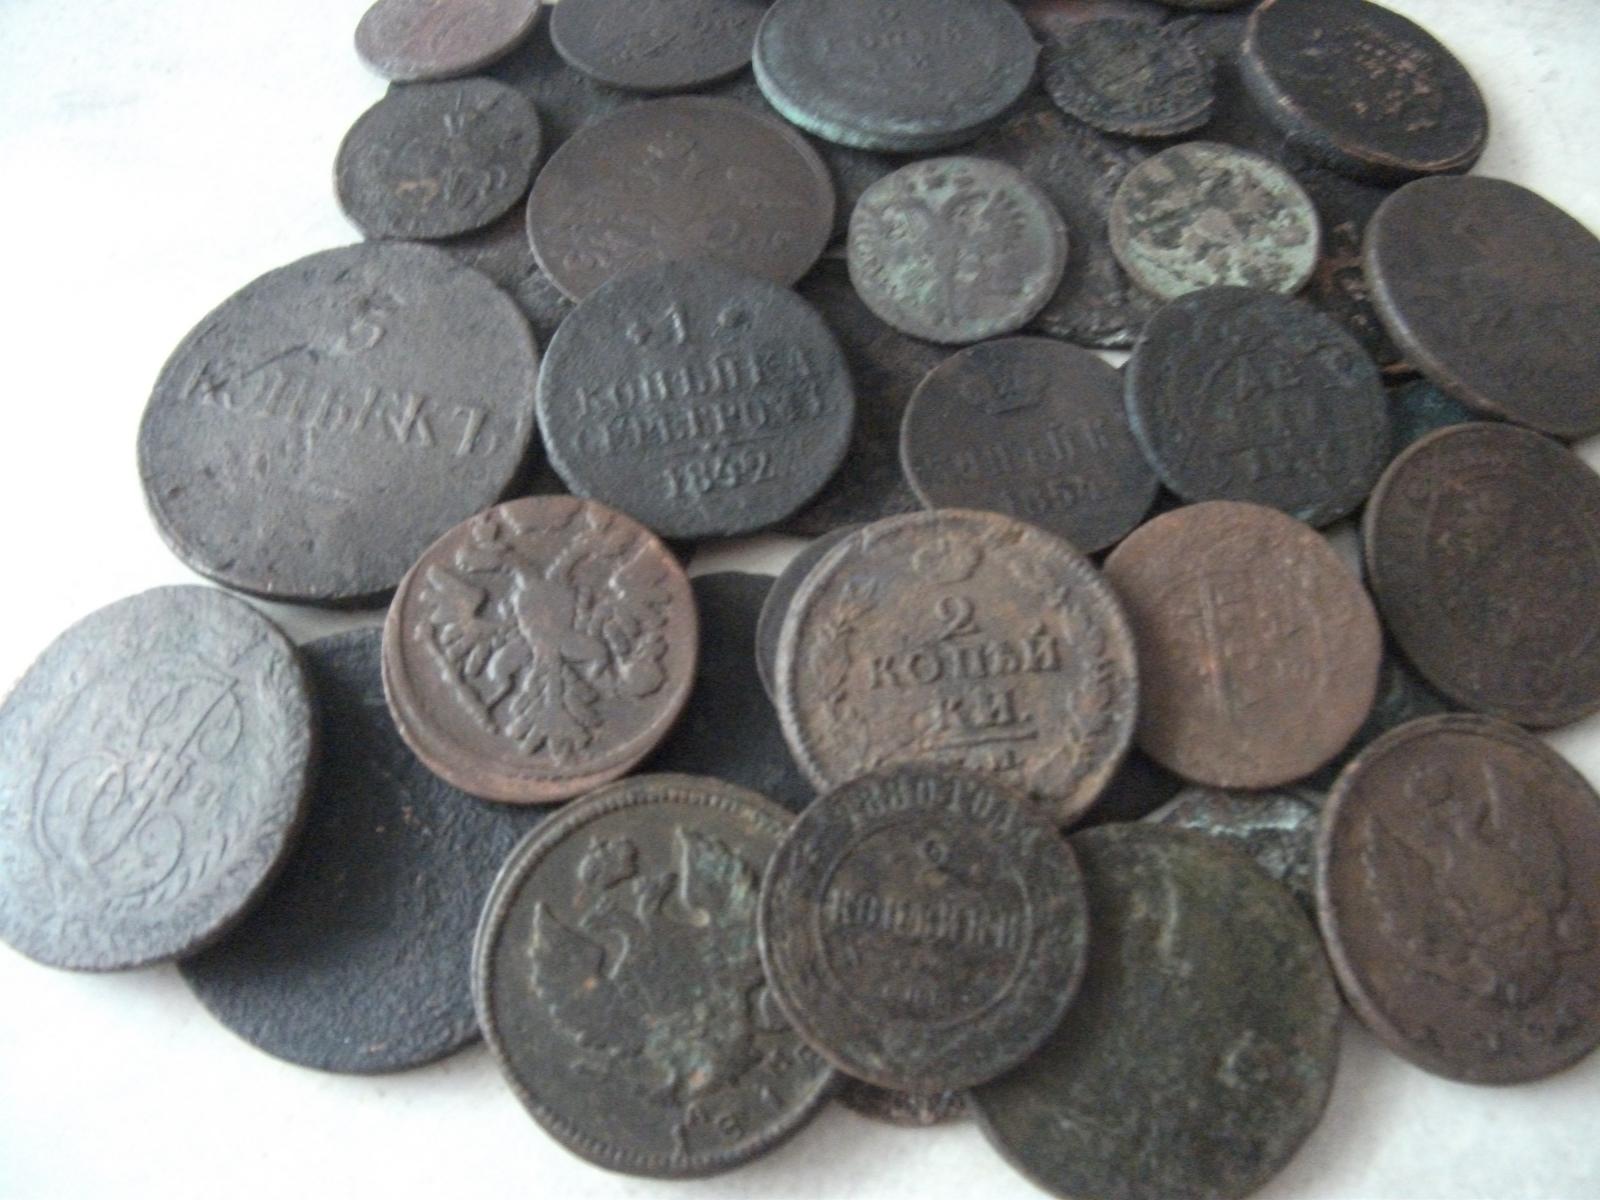 Купить 45 монет империи!!! в интернет-аукционе coberu.ru. 45.